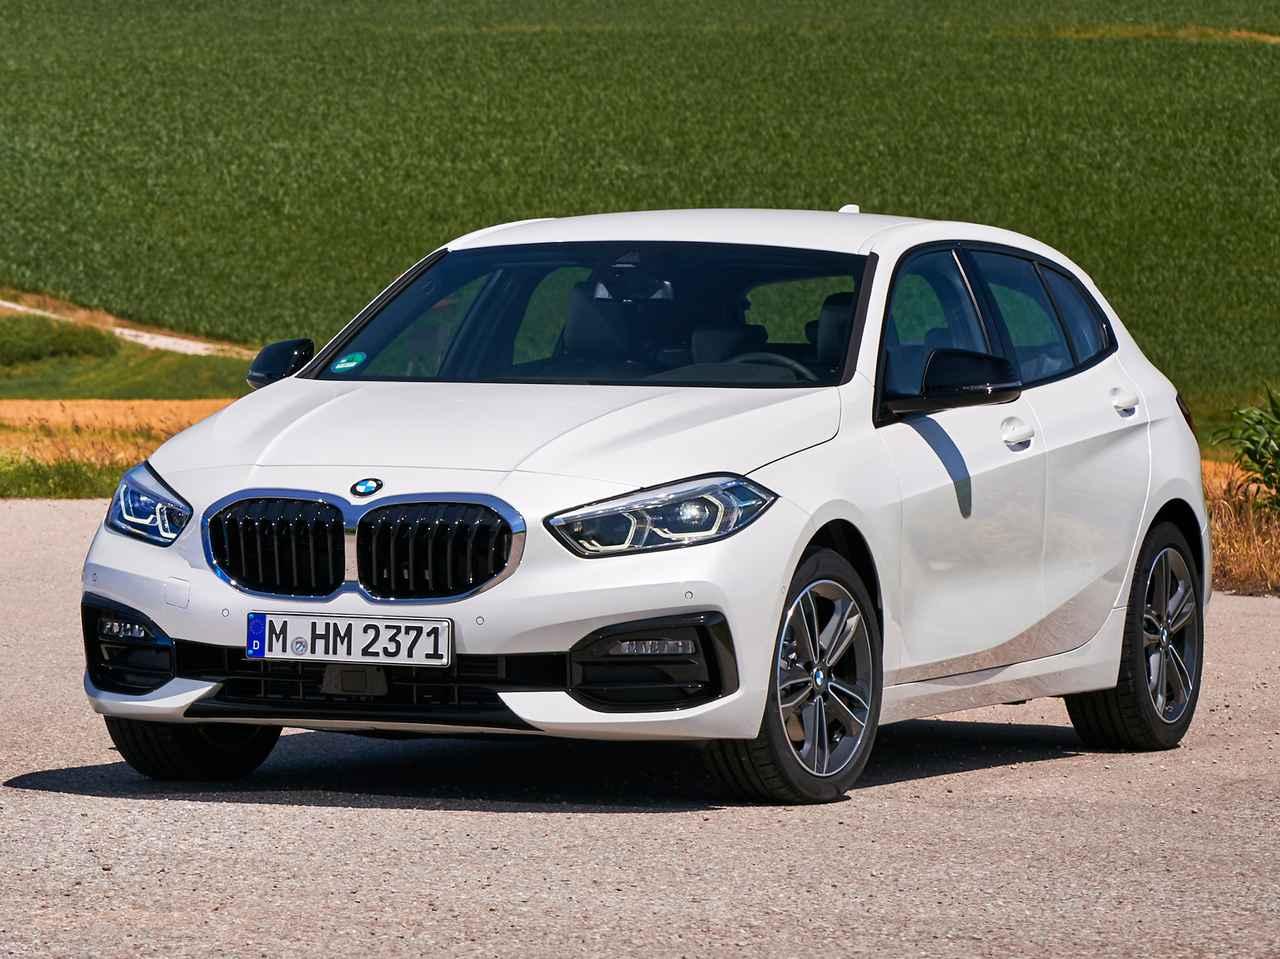 BMW 1シリーズにディーゼルモデル118dを追加。16.7km/Lの低燃費とランニングコストが魅力